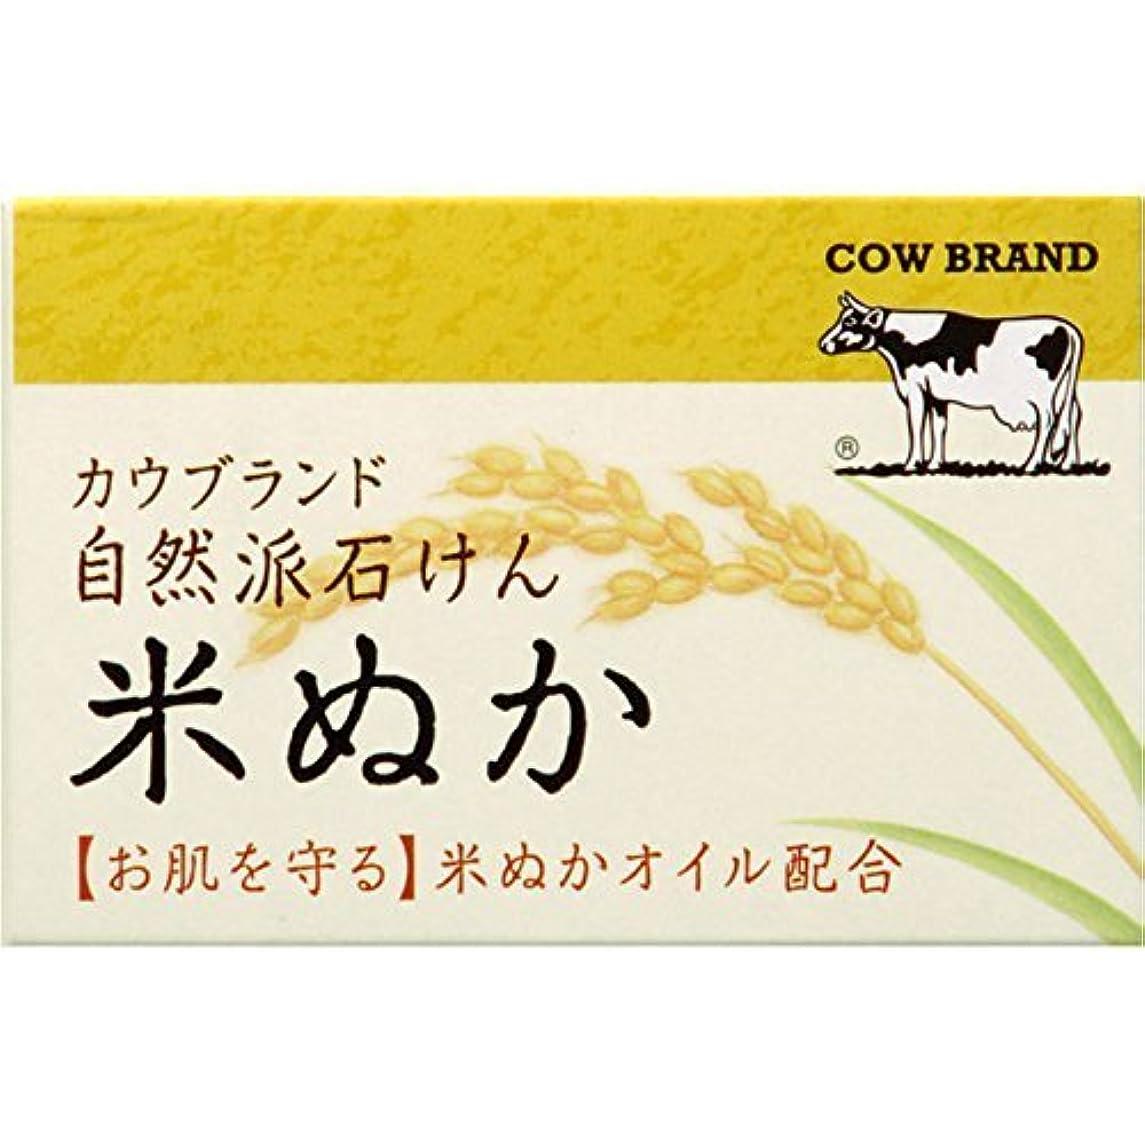 入学するコミュニケーション求めるカウブランド 自然派石けん 米ぬか 100g